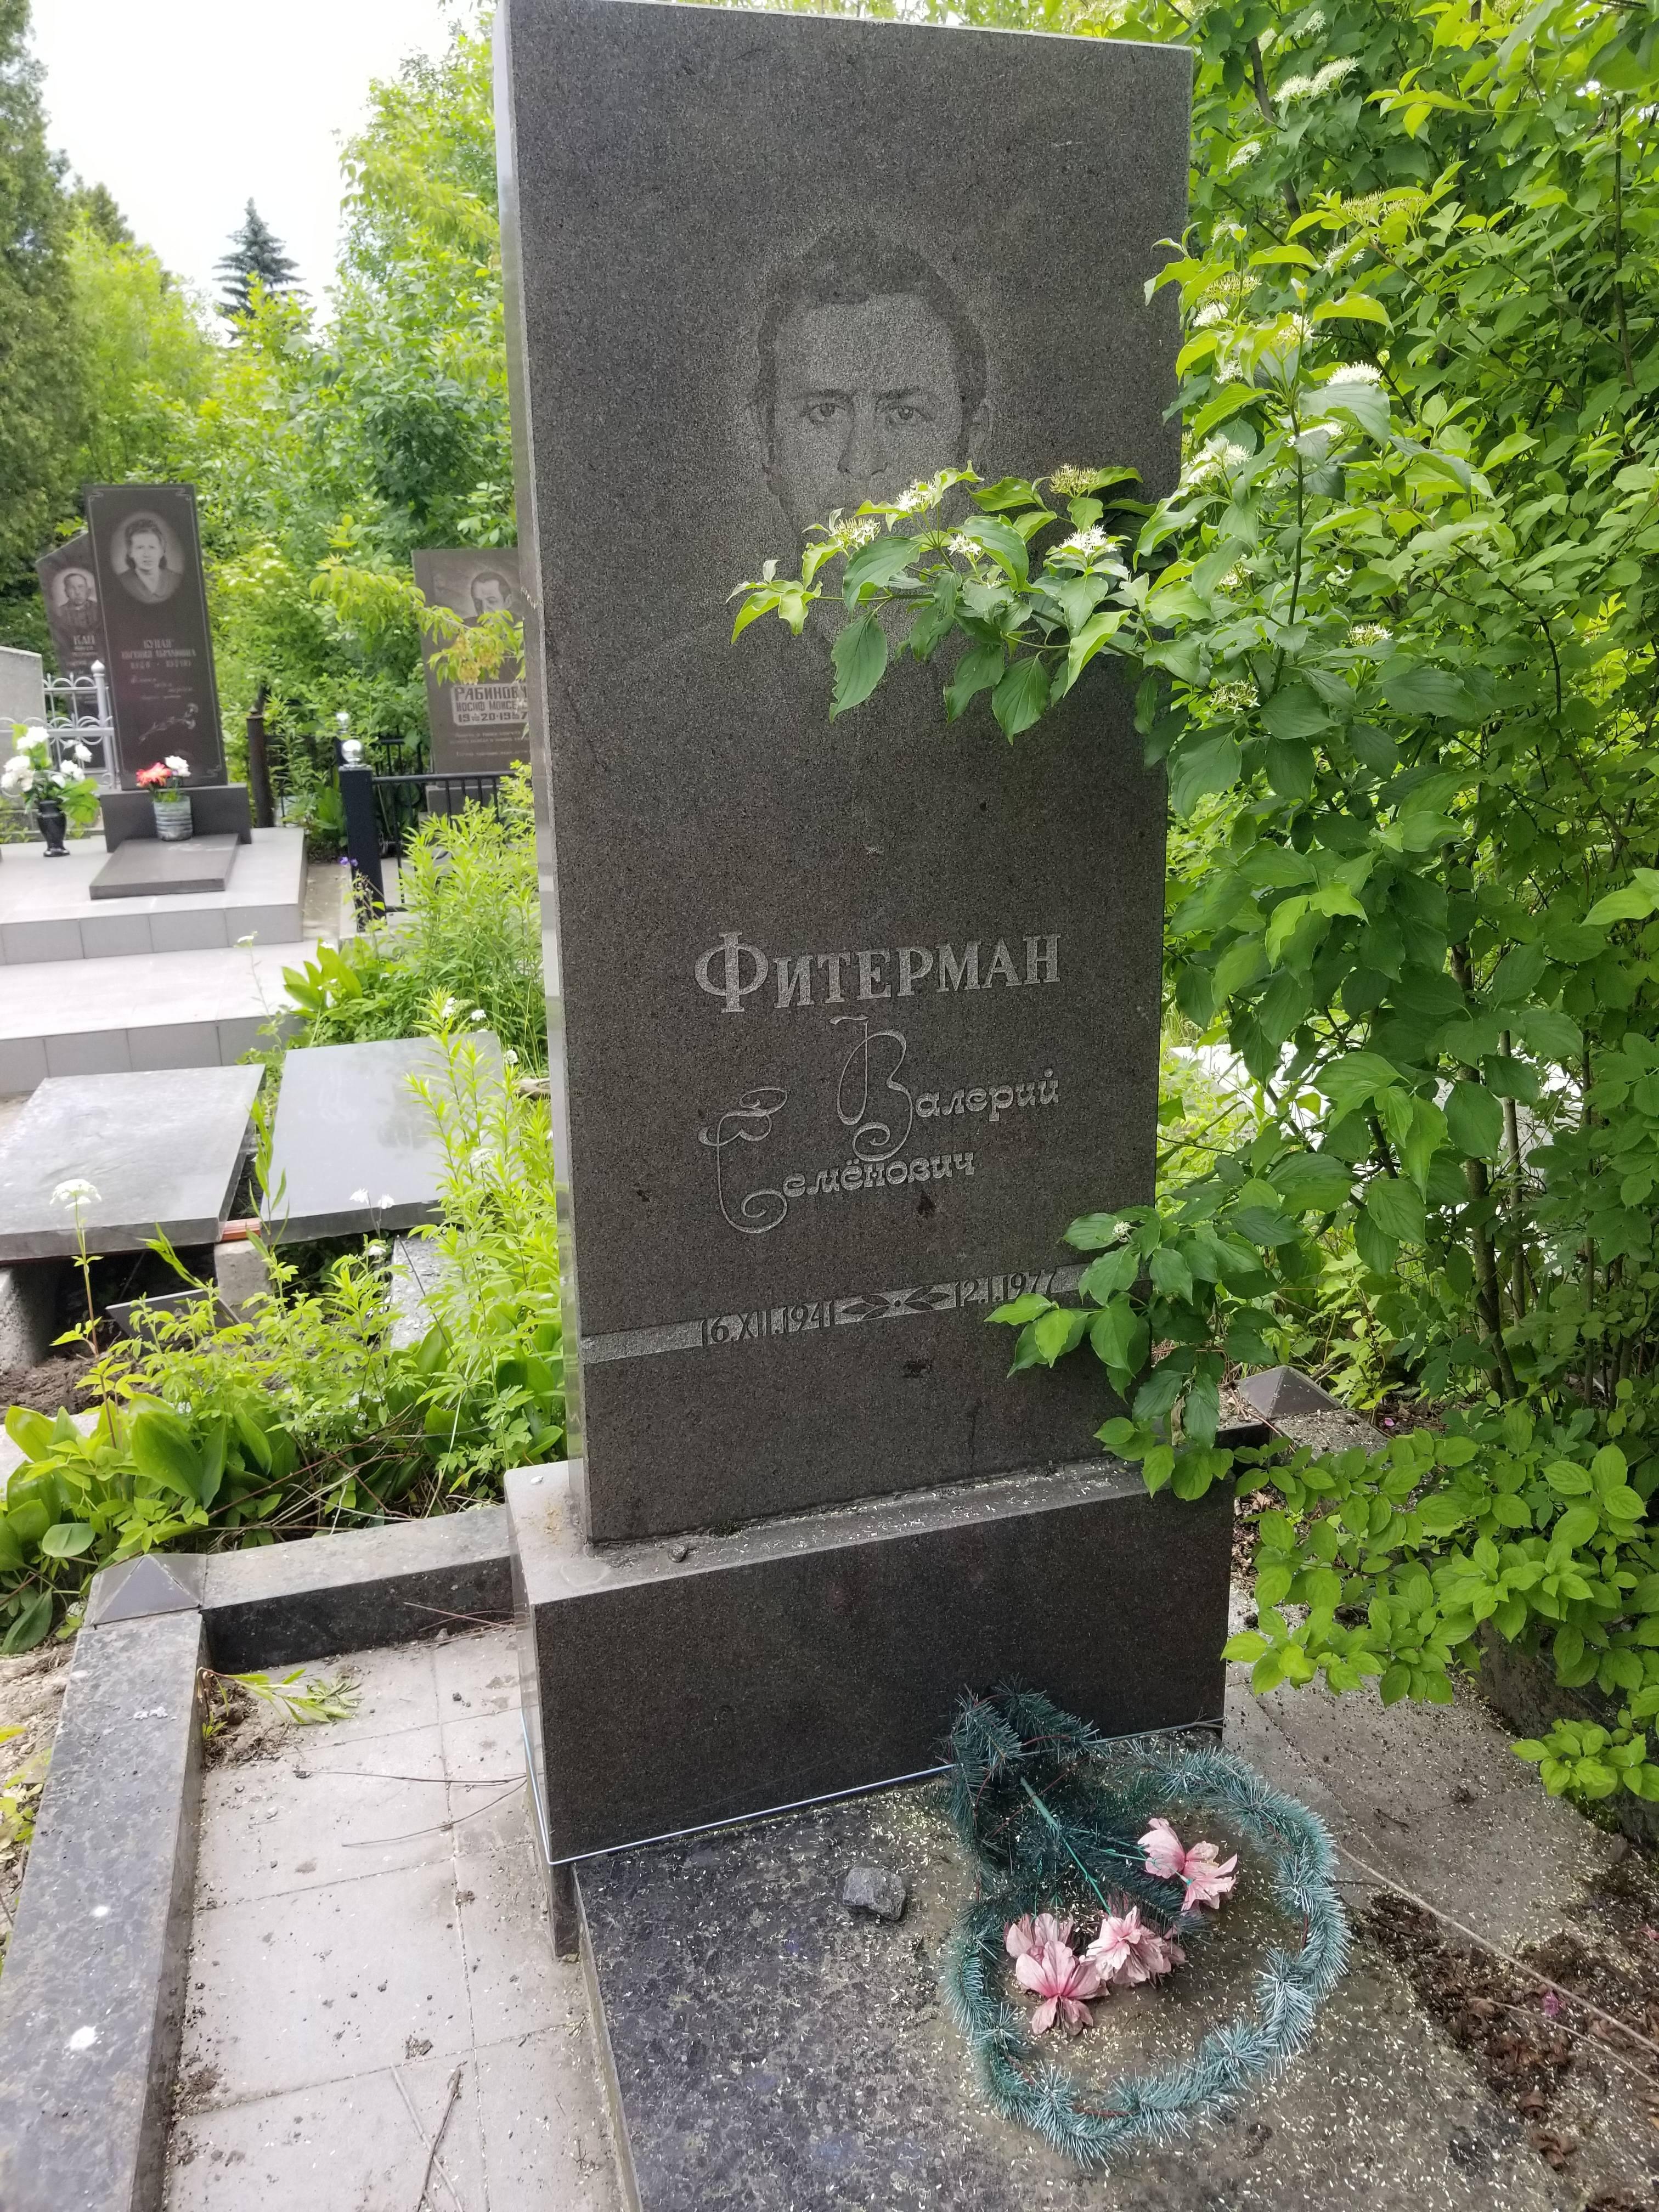 http://images.vfl.ru/ii/1627115955/2c5a3377/35264444.jpg